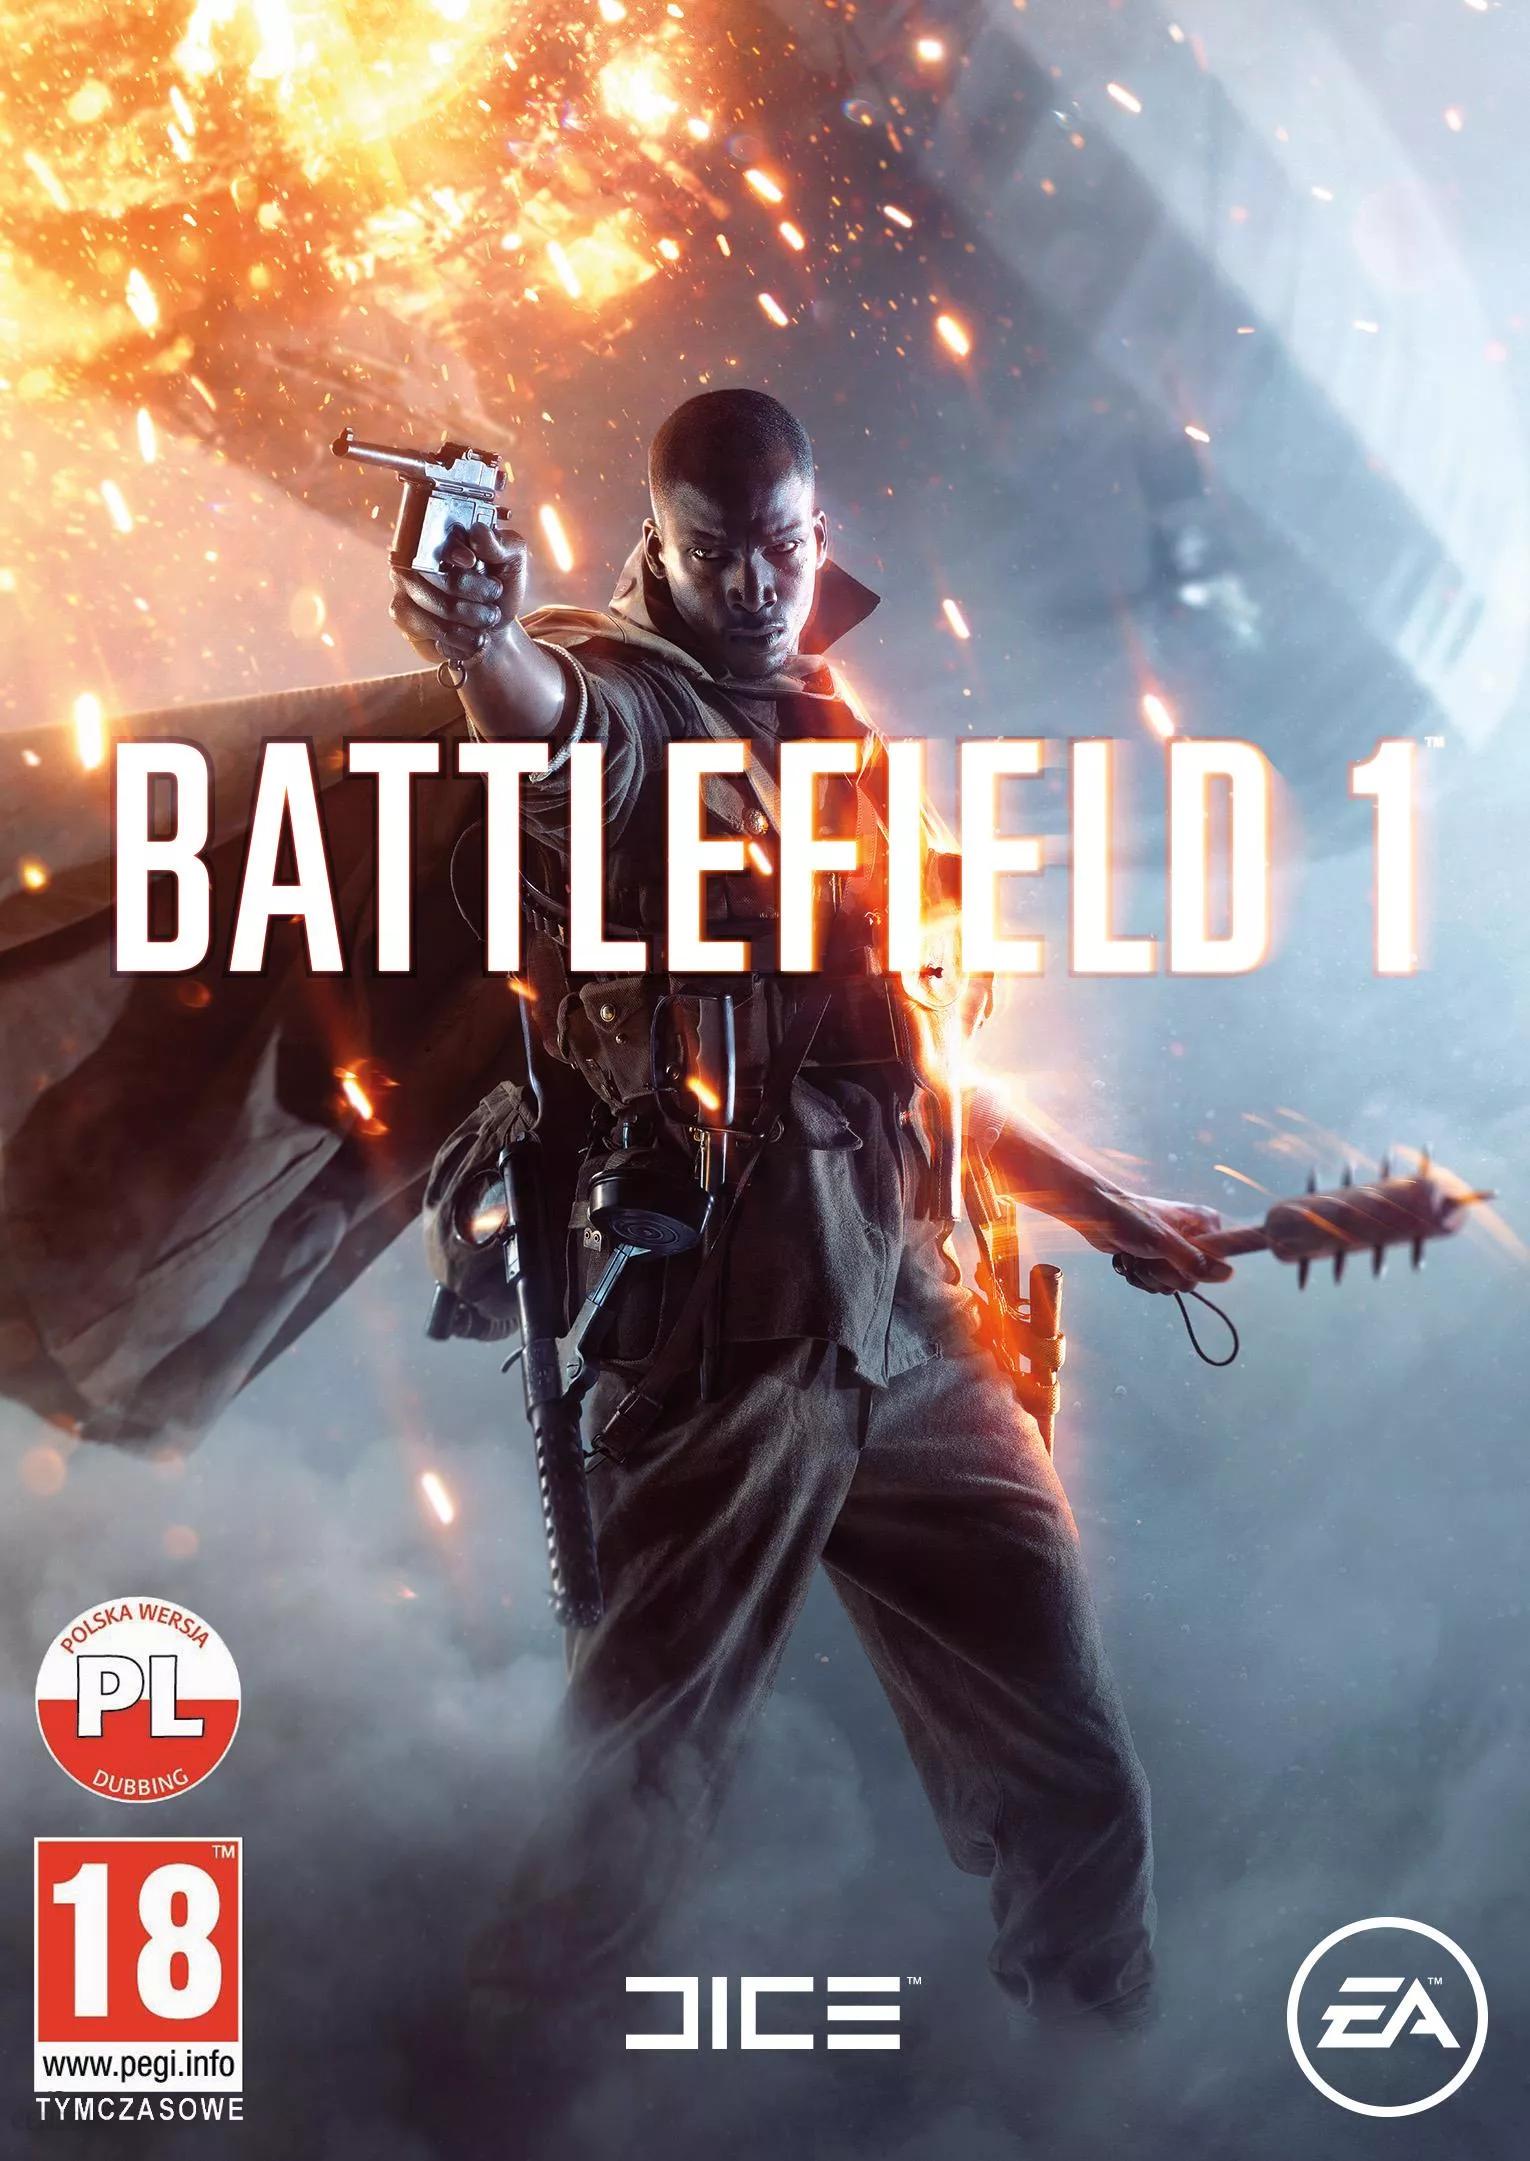 Battlefield 1 PC najtaniej w historii